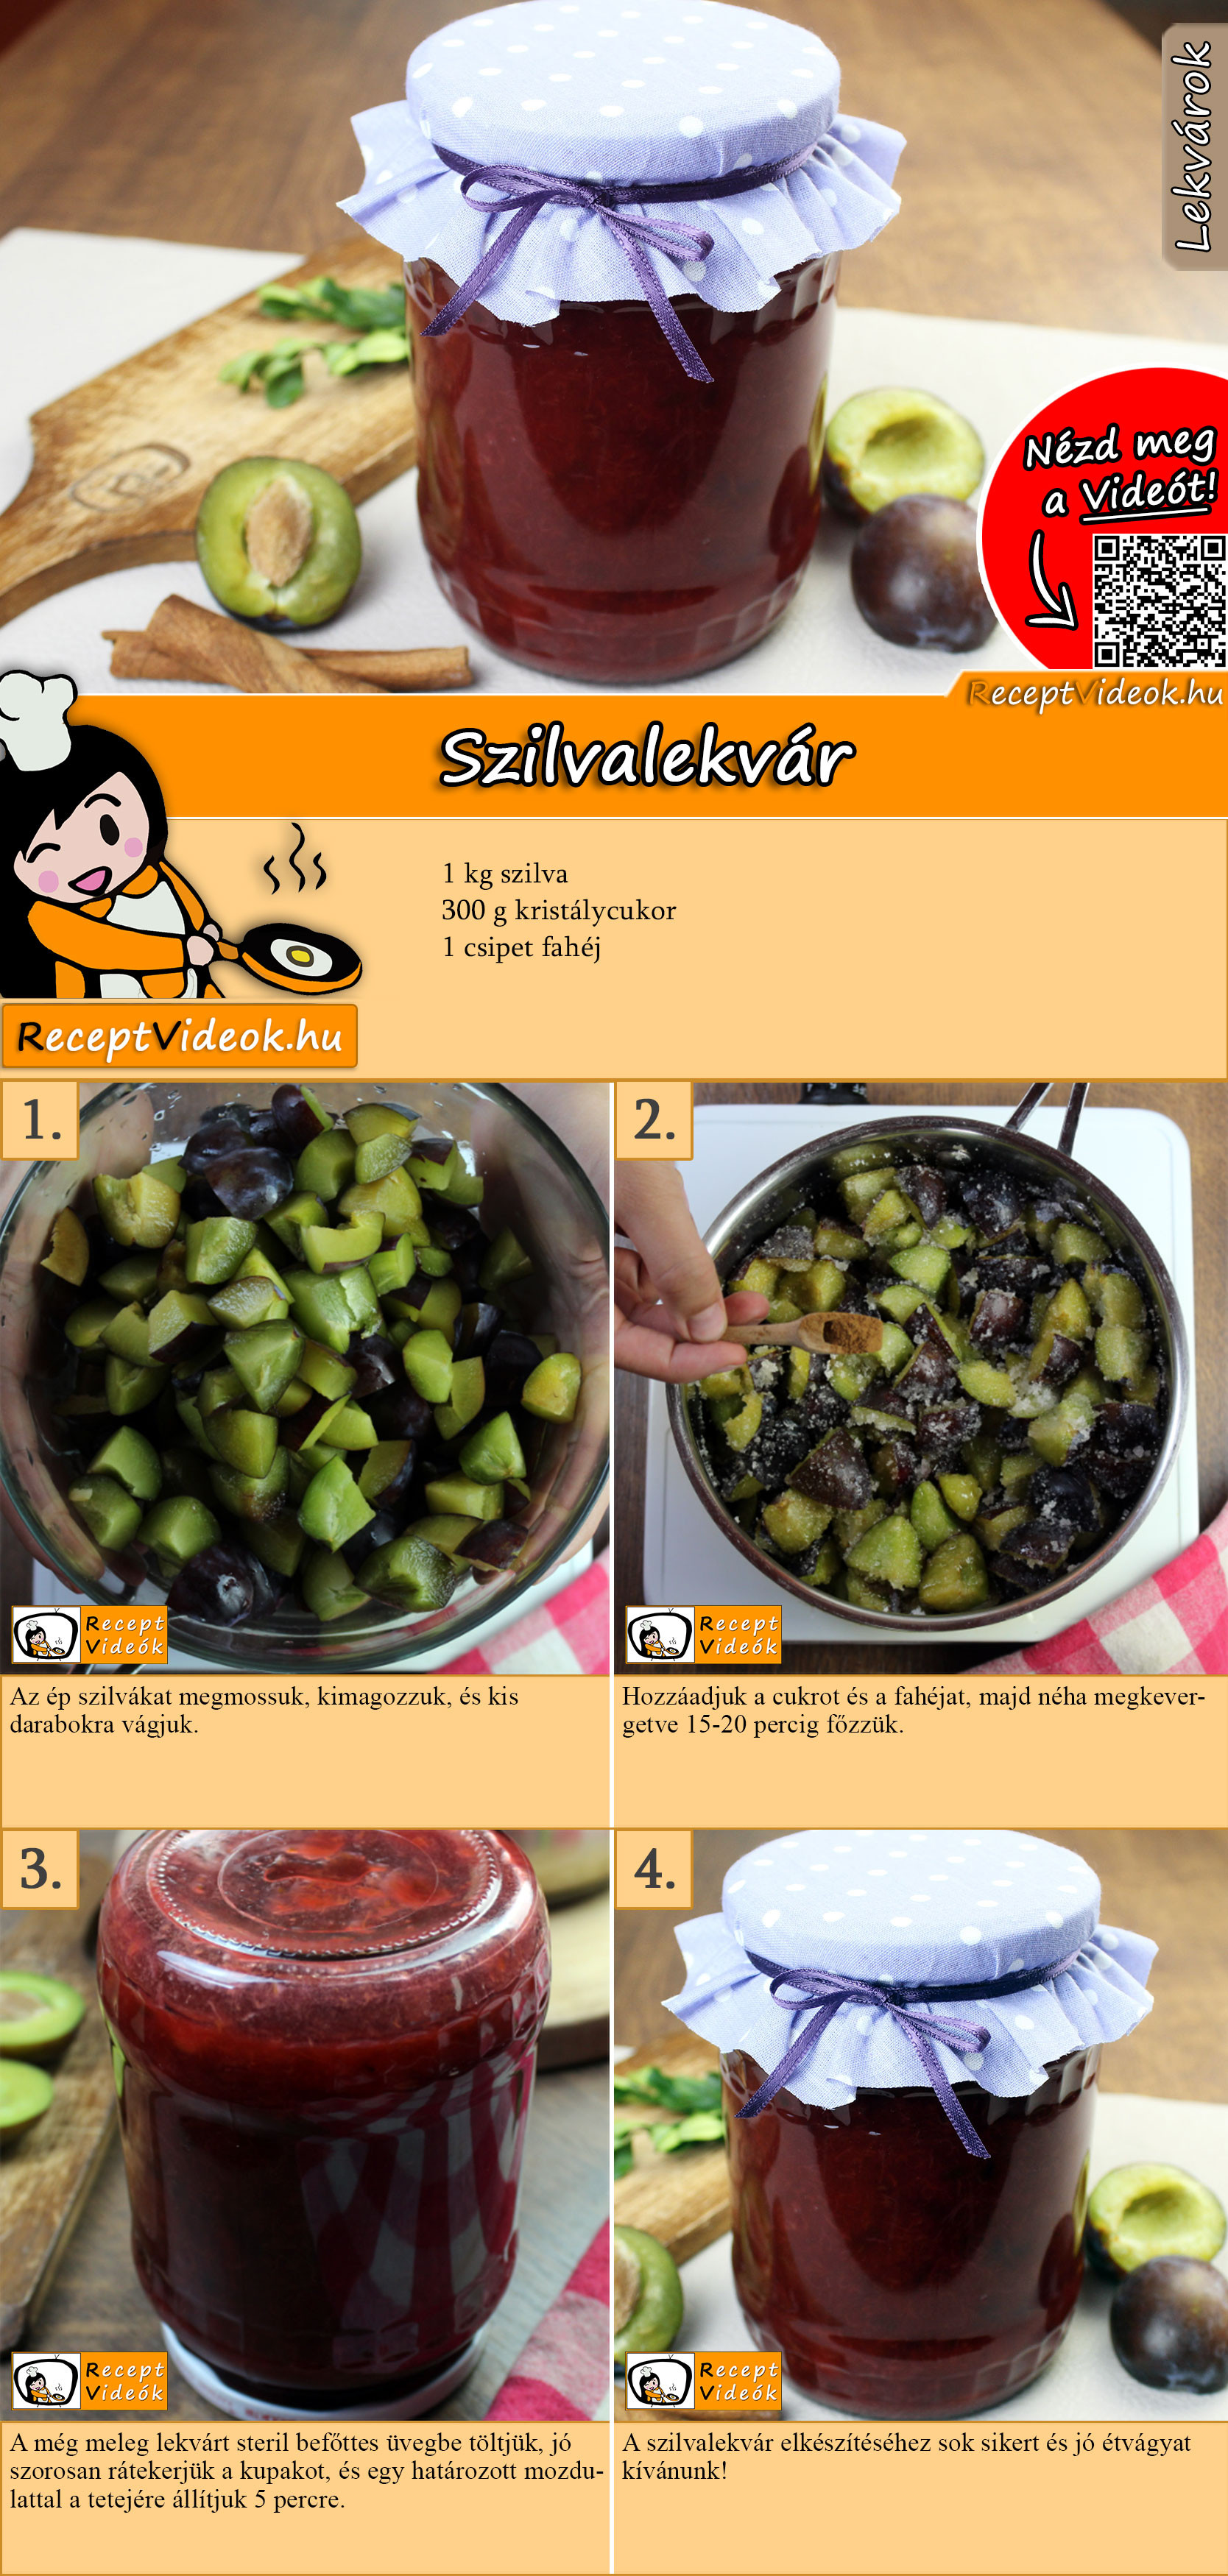 Szilvalekvár recept elkészítése videóval